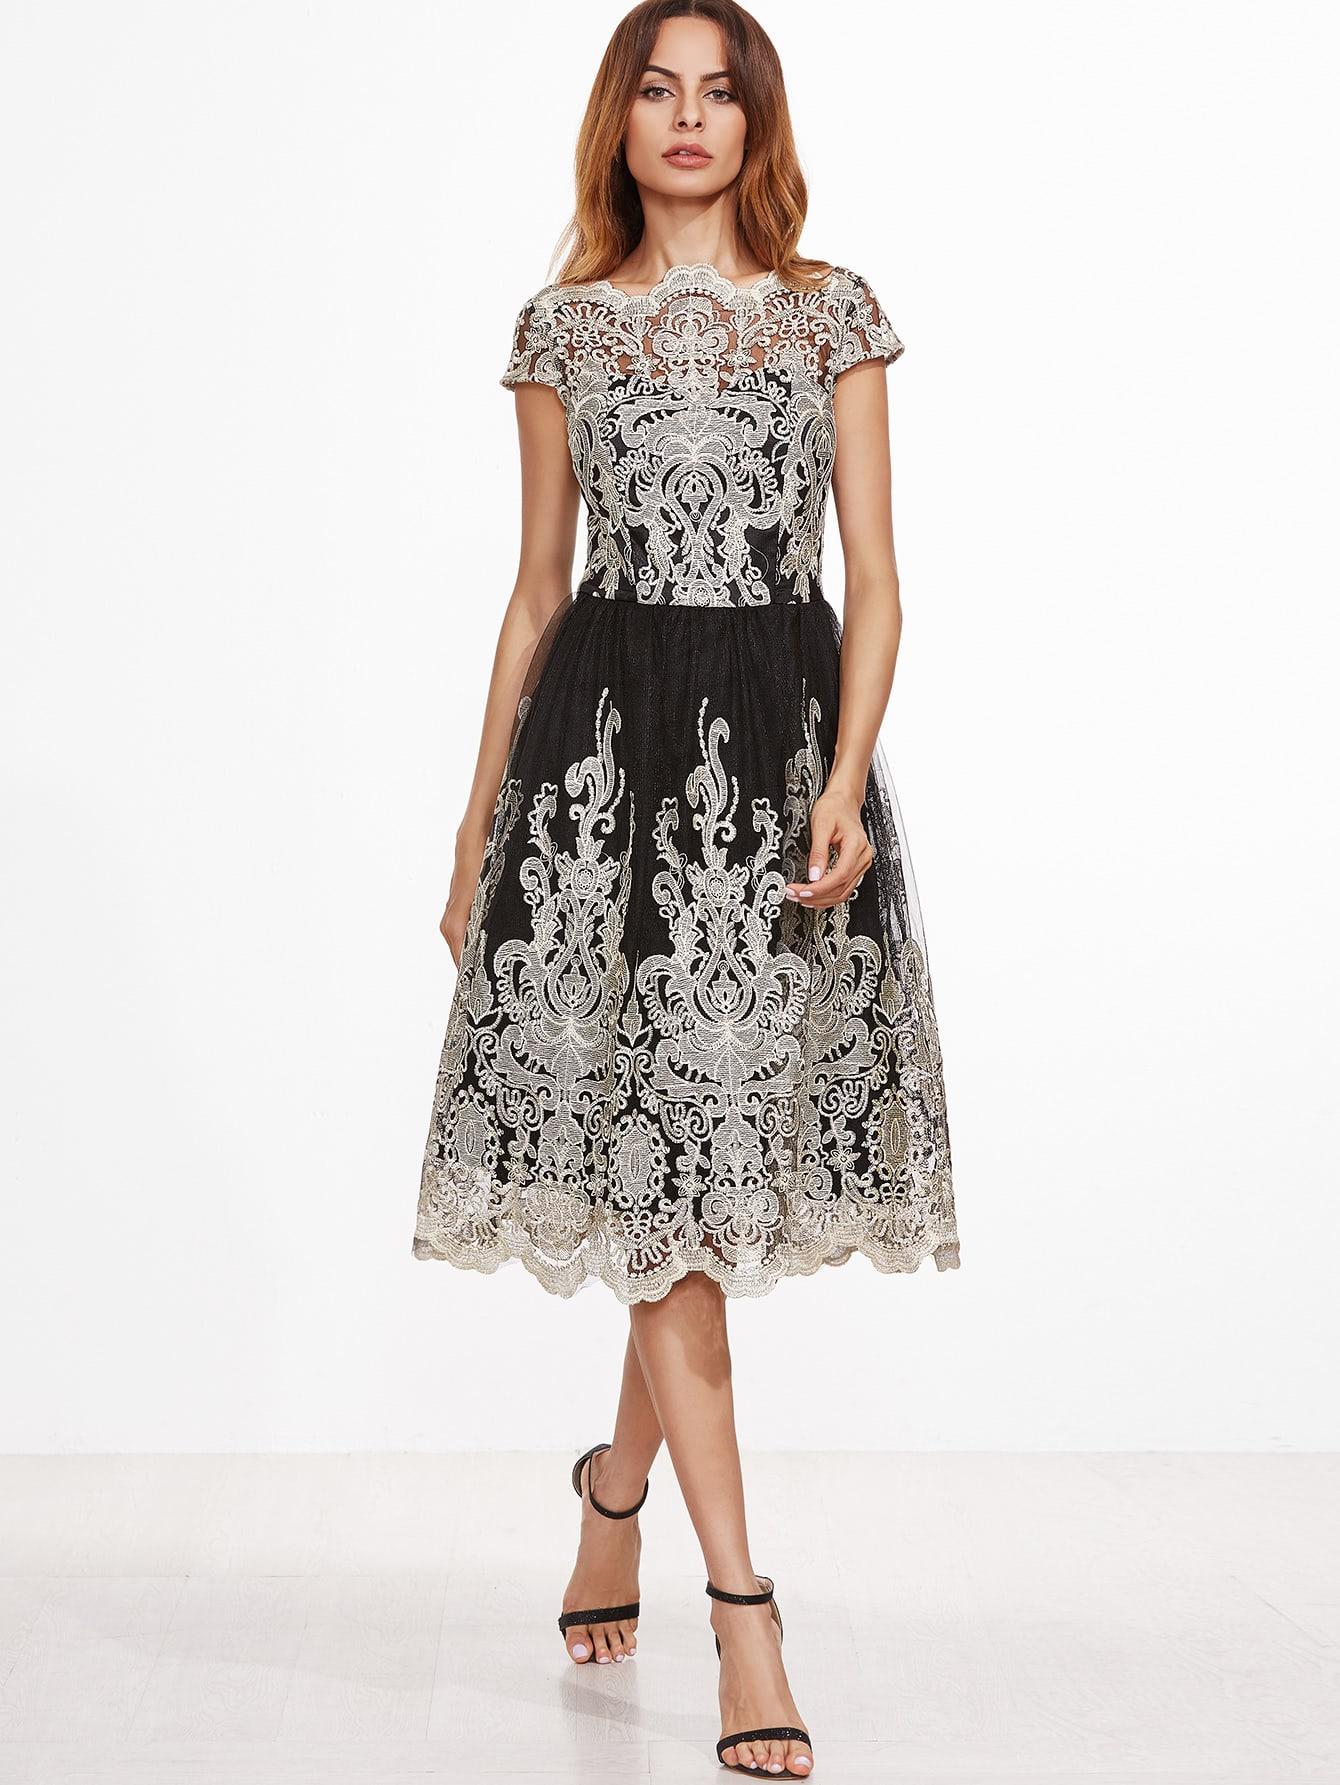 dress161027721_2